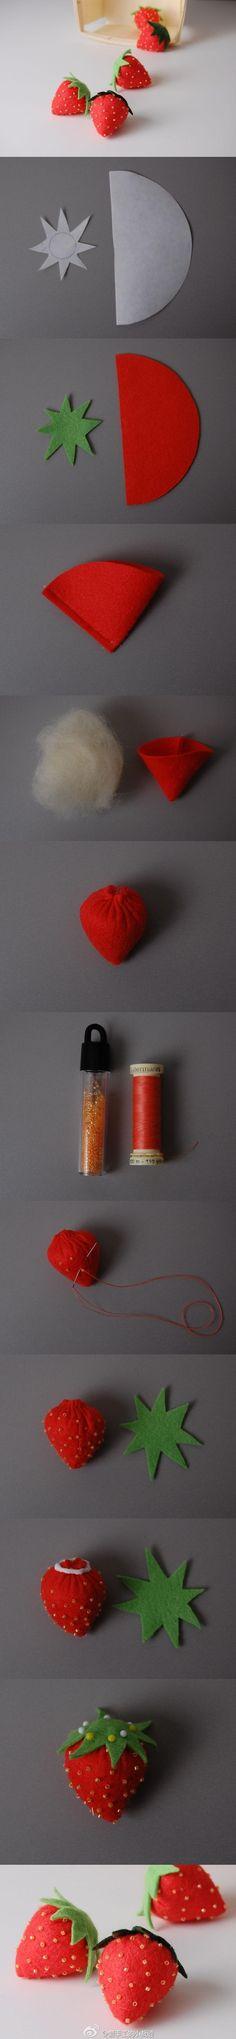 Tutorial para hacer una fresa de fieltro rellena de guata